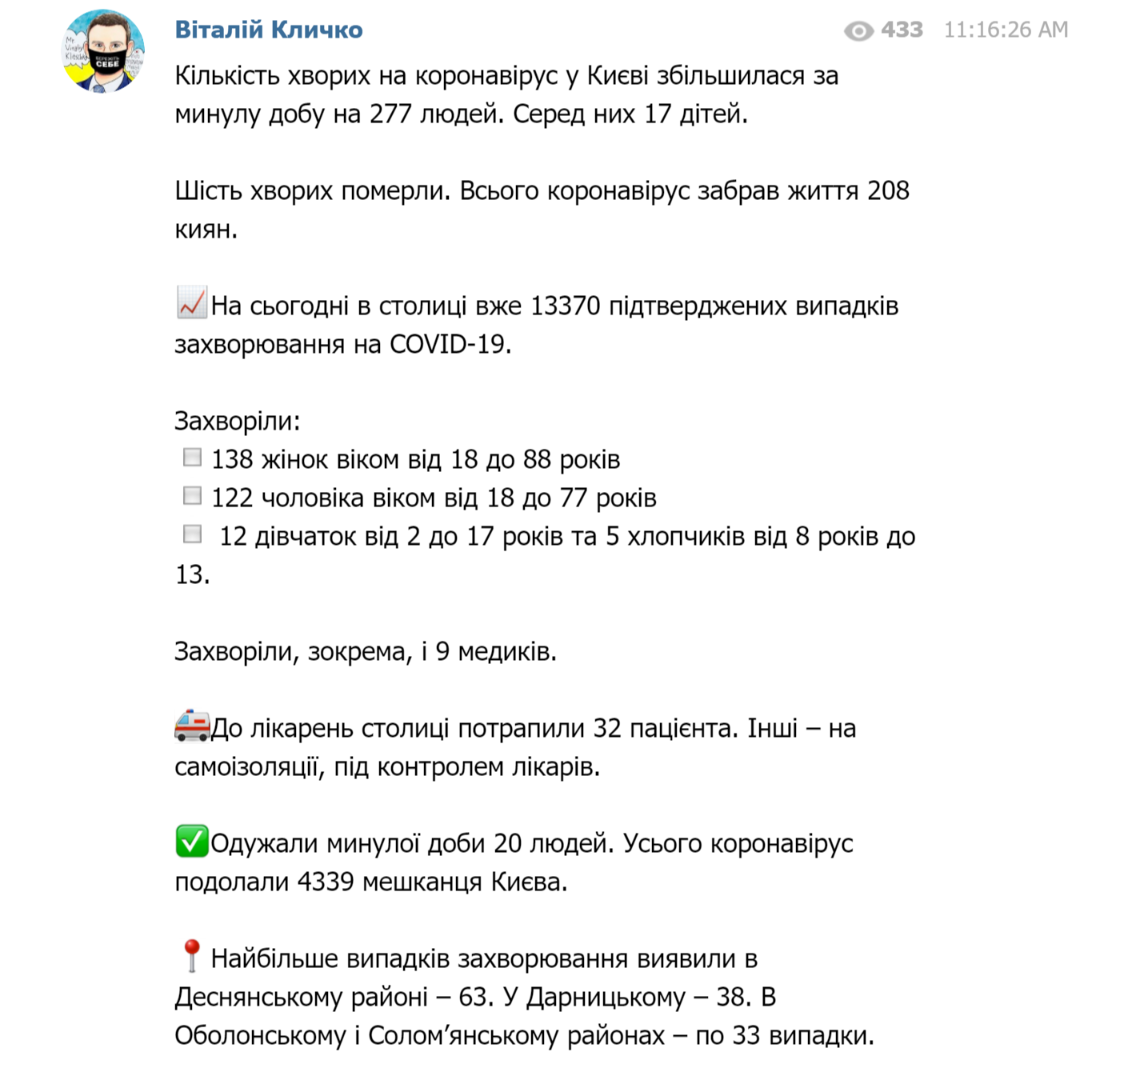 Кличко написал о COVID-19 в столице